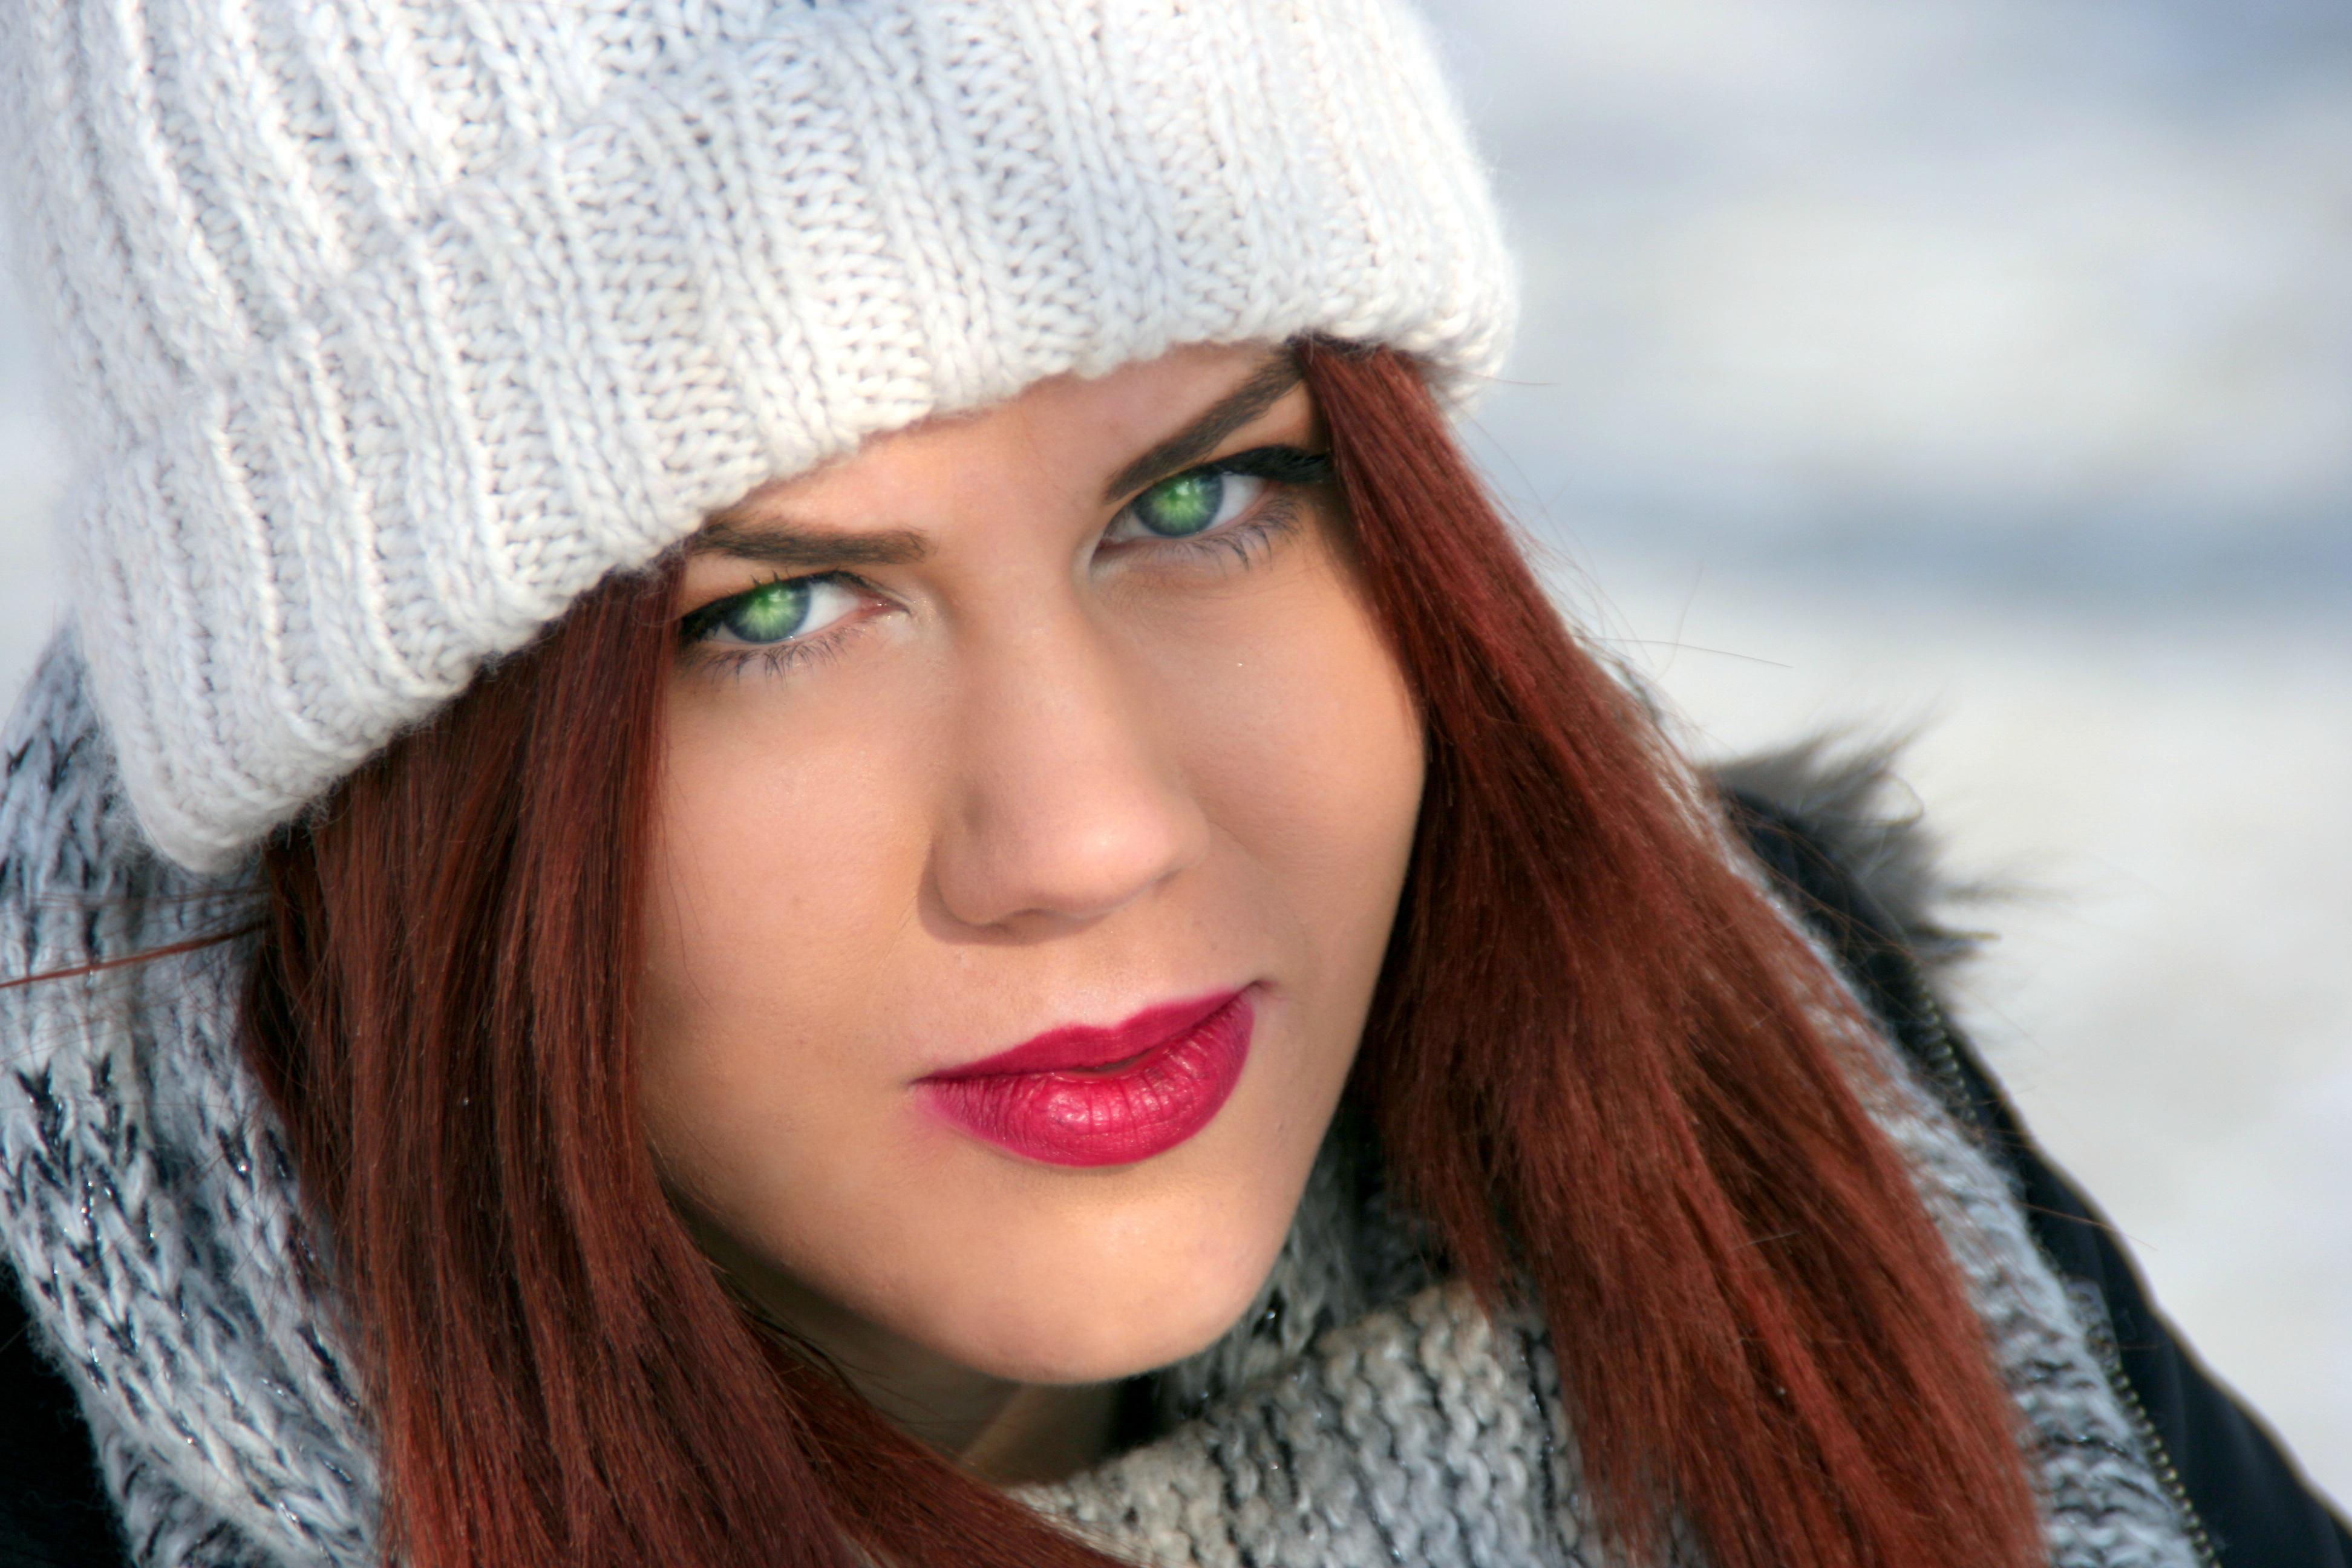 Augen braune grüne haare blau Augenfarbe